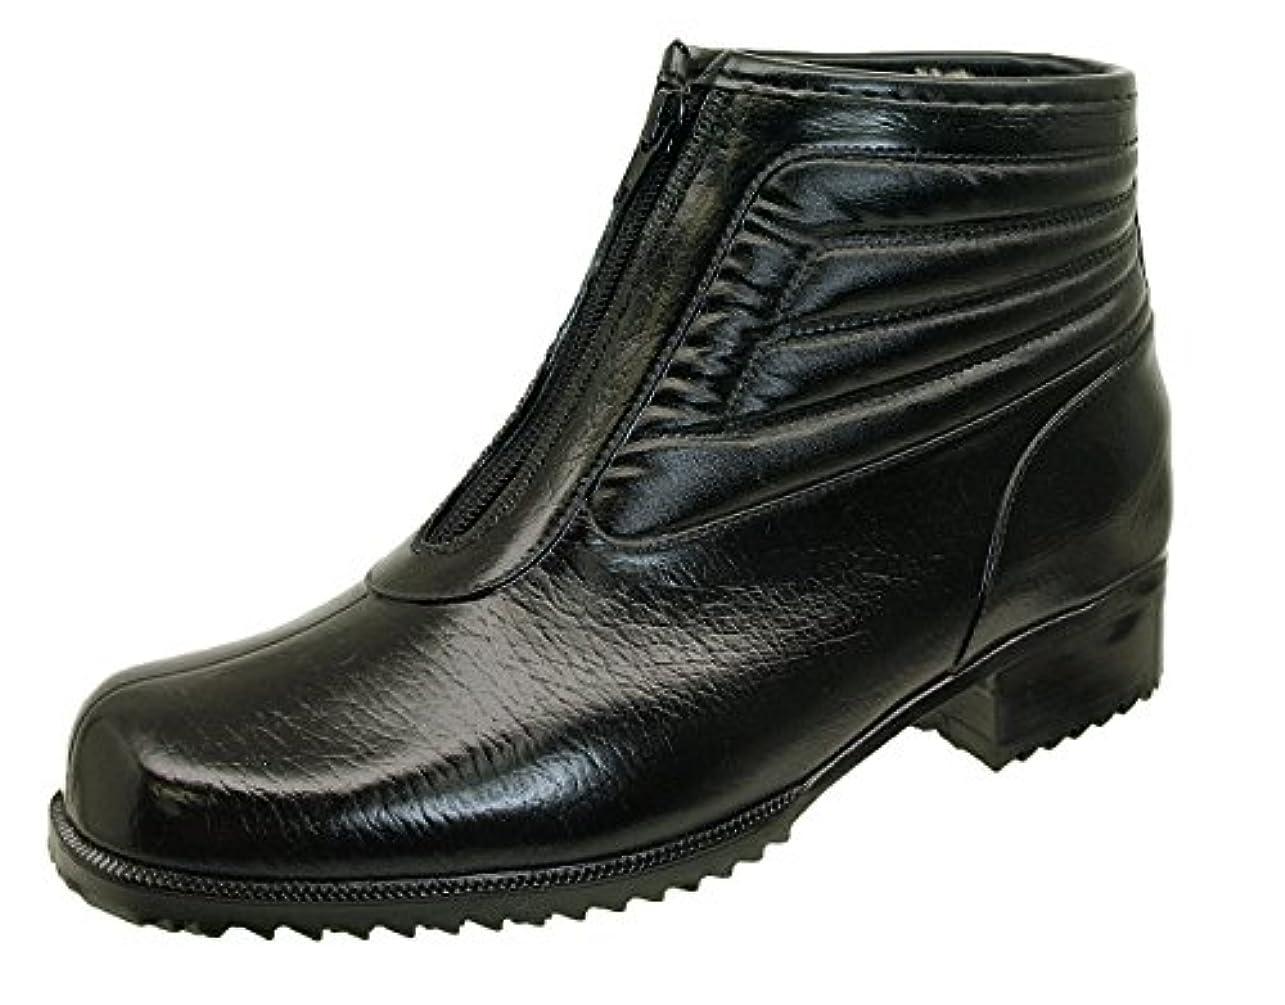 合併流す若者[アキレス] ACHILLES コザッキー COSSACKY 6490 G-64 ビジネス ラバーブーツ 黒 ファスナー付き 防寒 防水 防雪 (27cm)